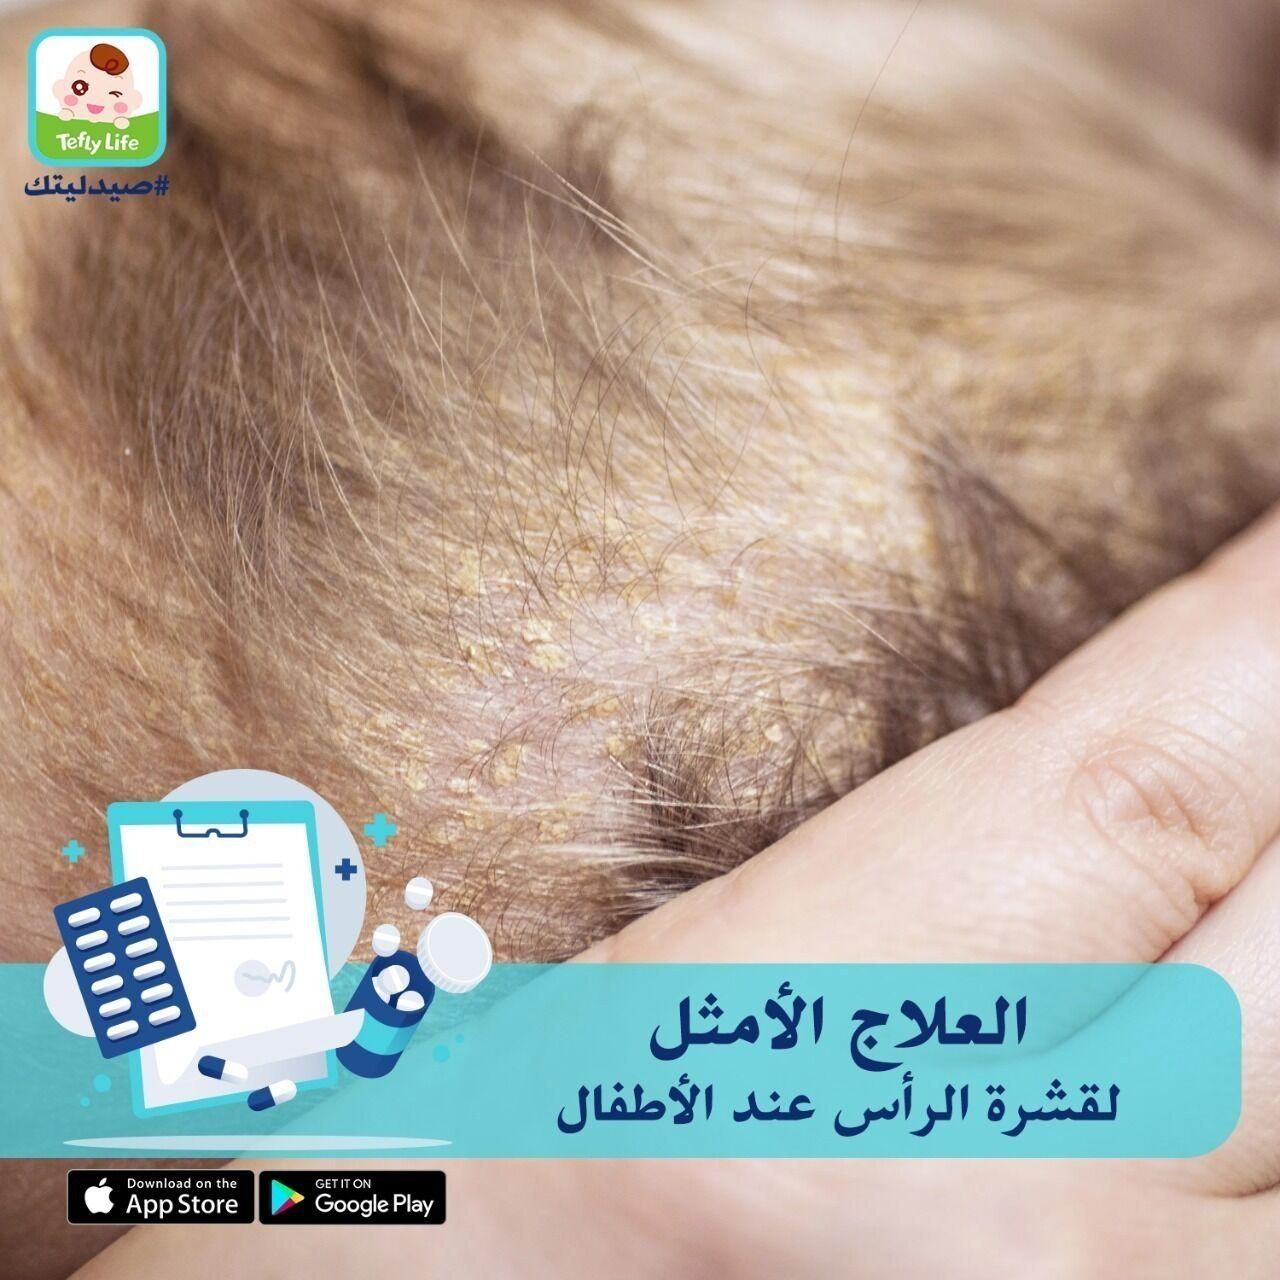 تعرفى على الحل الأكثر أماناً لعلاج قشرة الرأس مع د.هبة الله مصطفى